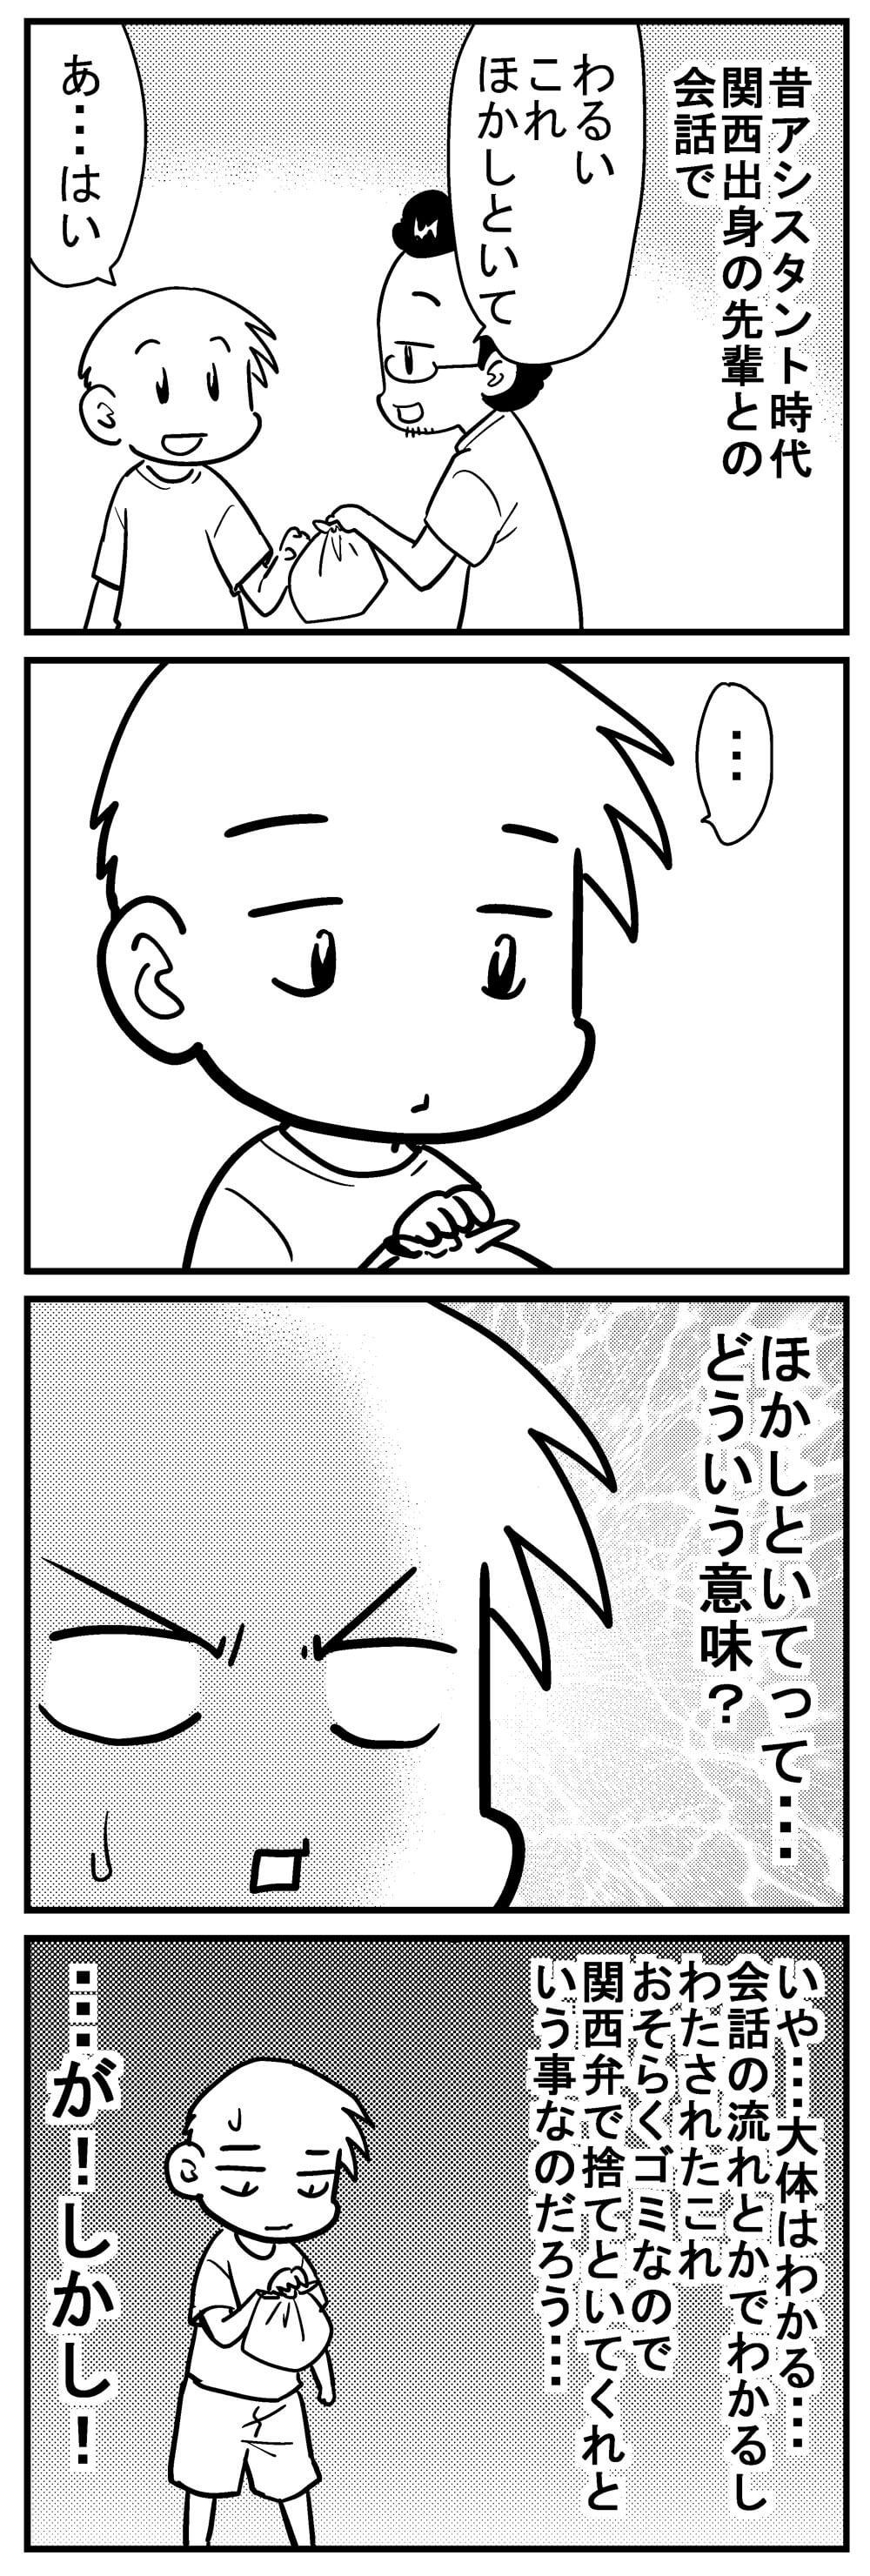 深読みくん157-1